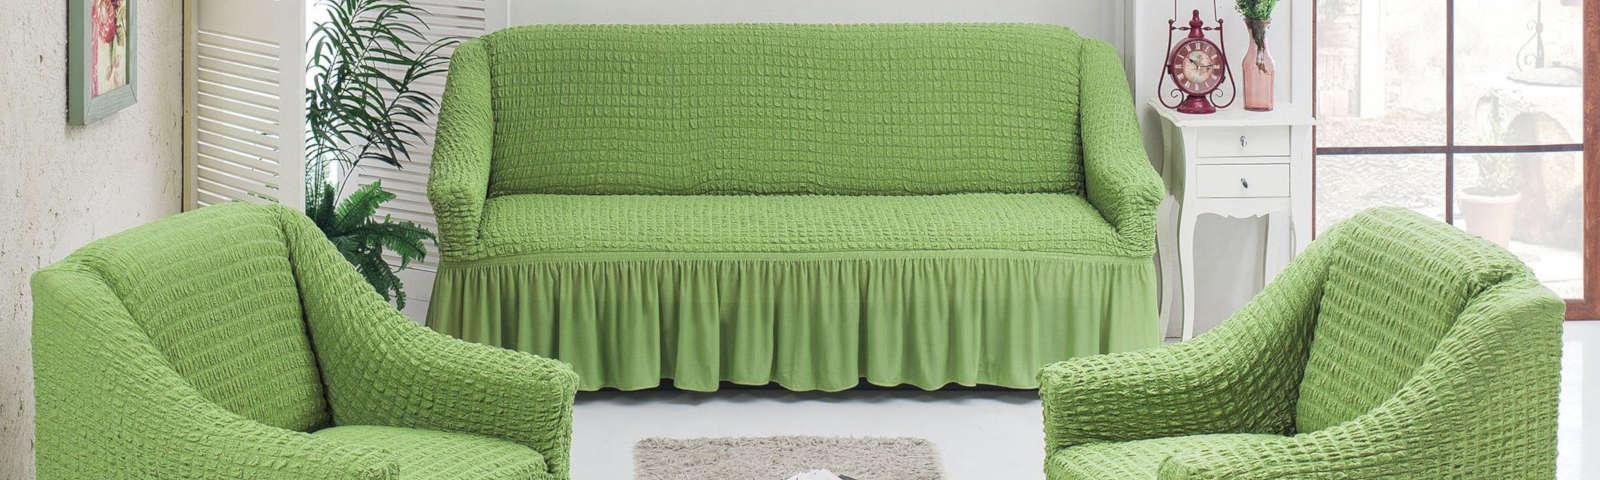 чехол на диван и кресла фото